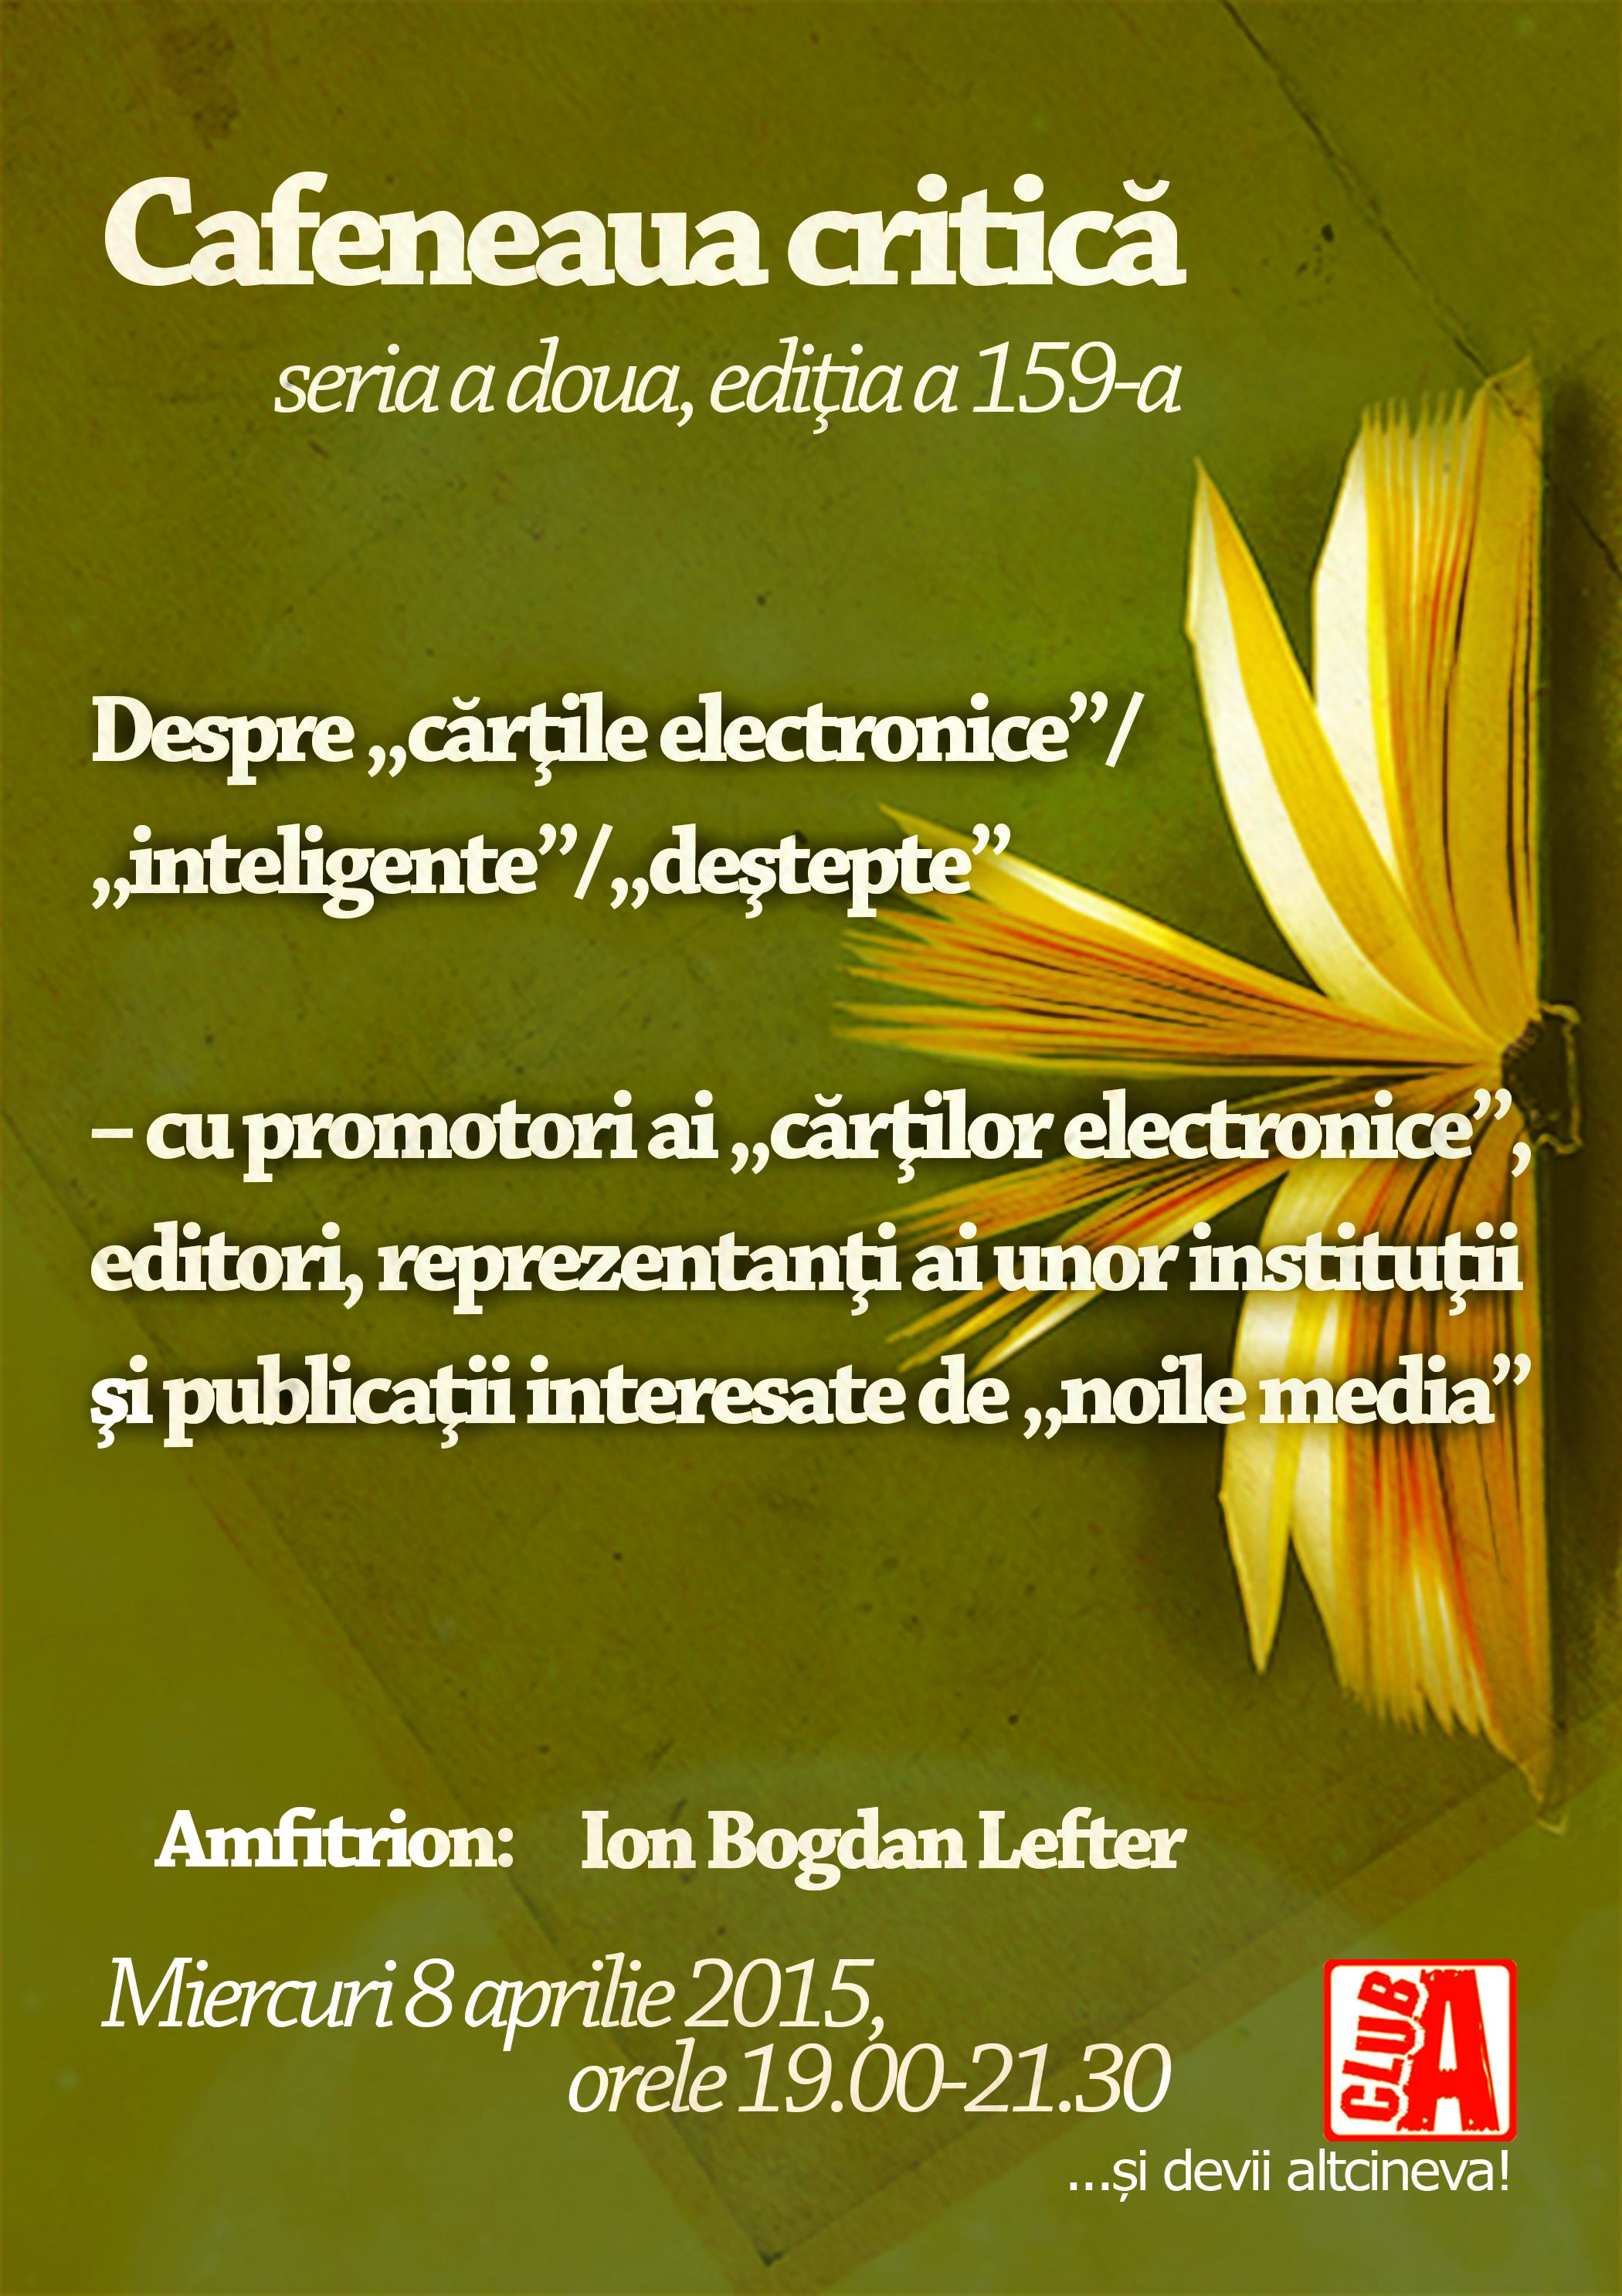 """Despre """"cărţile electronice""""/""""inteligente""""/""""deştepte"""" la Cafeneaua critică!"""